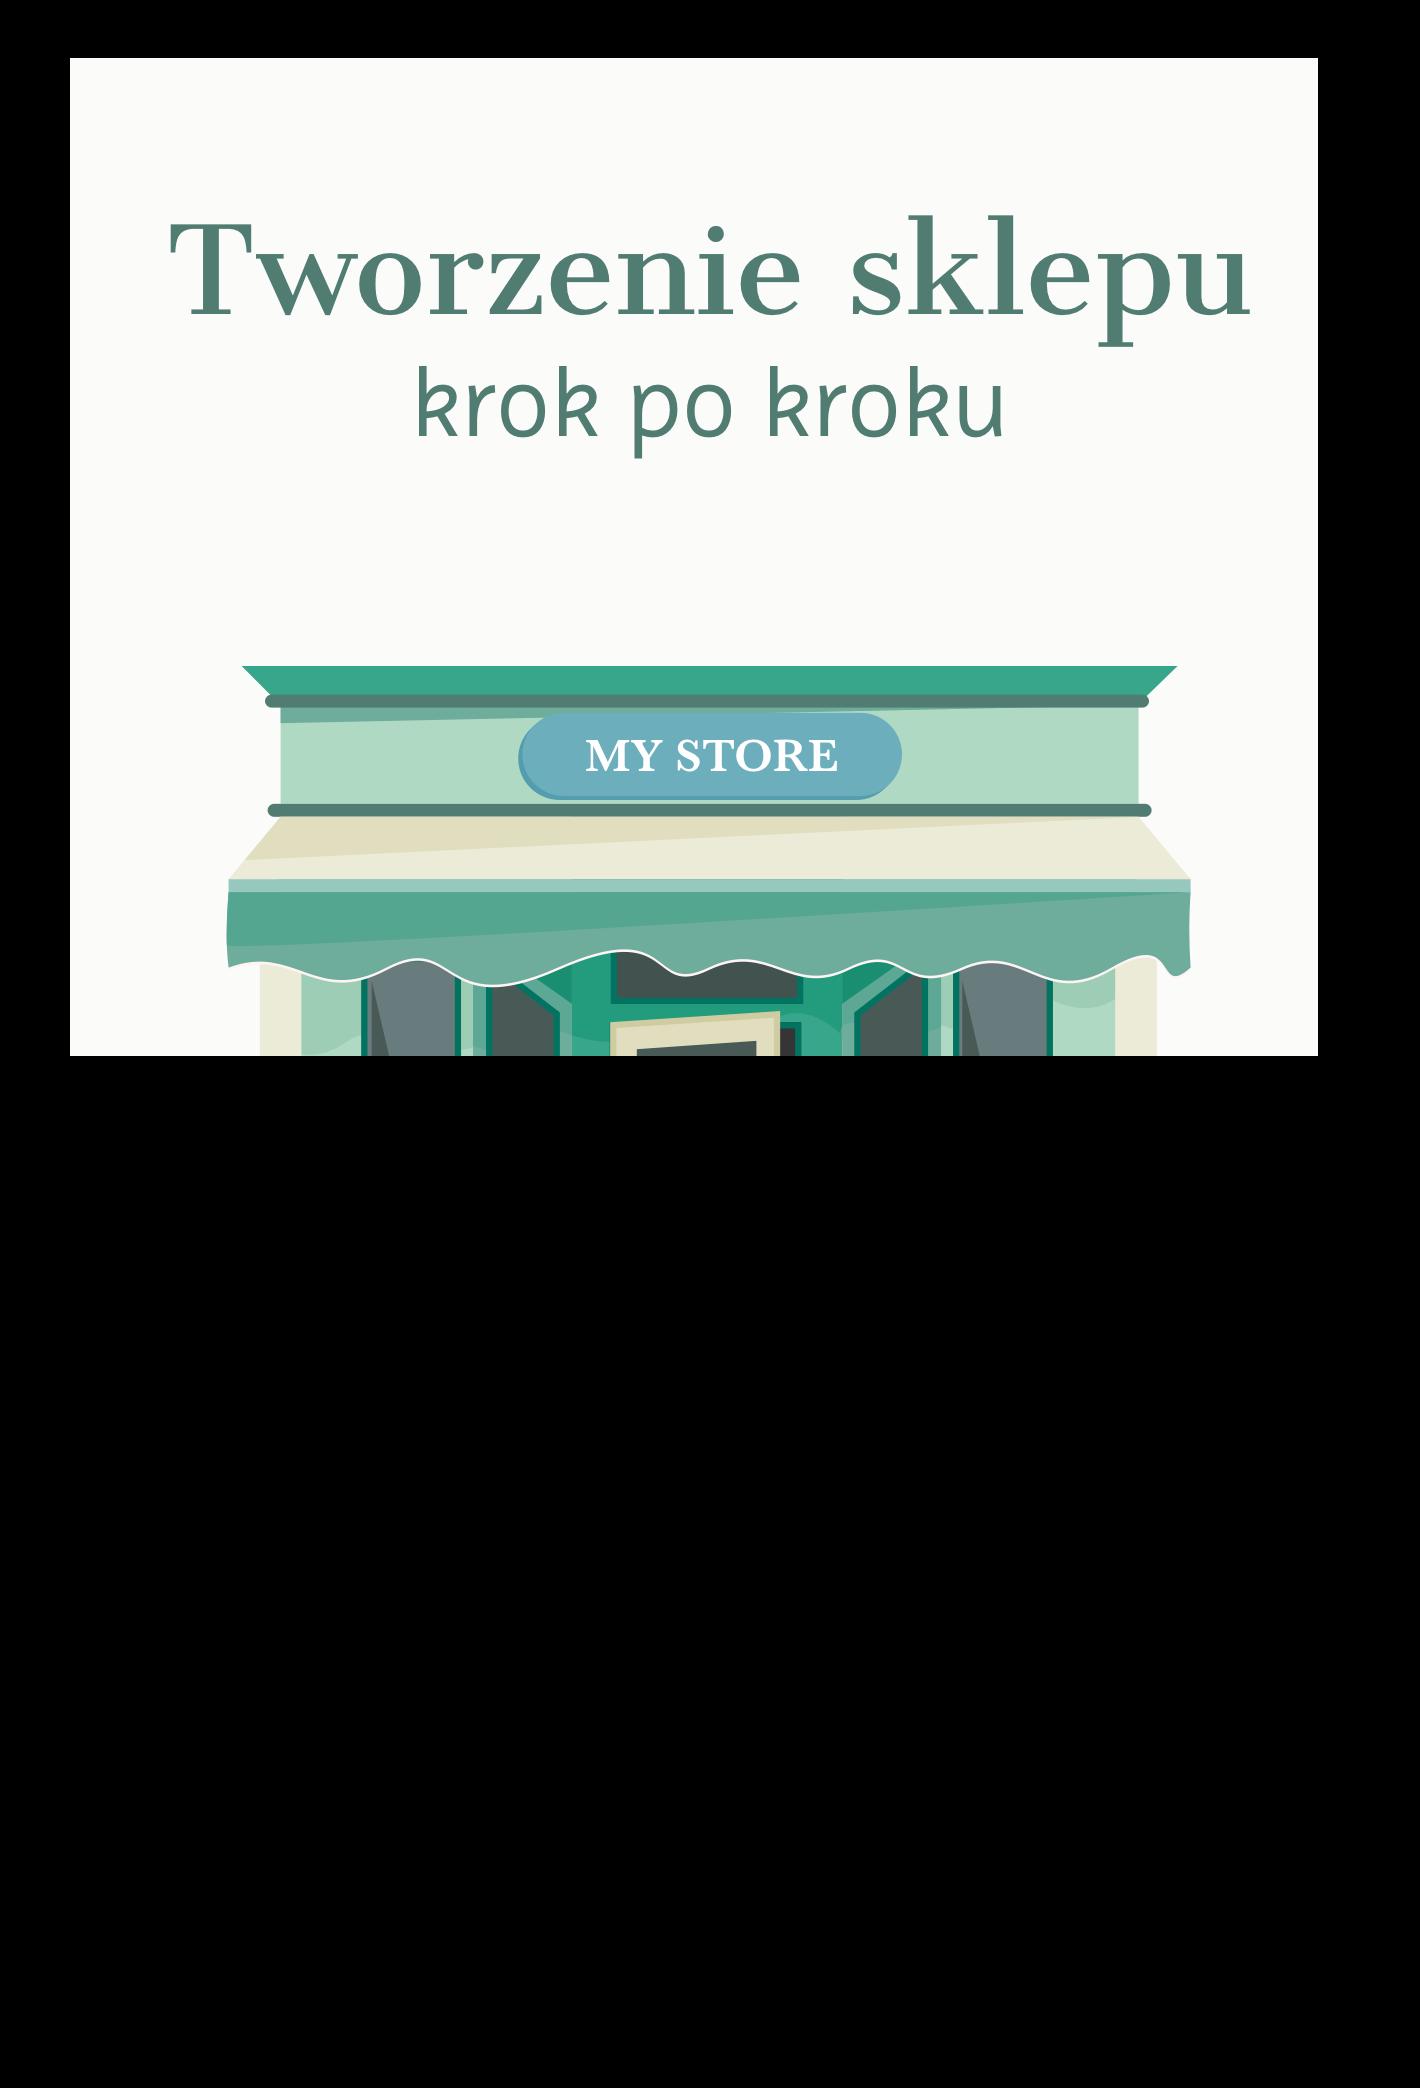 <https://web.shoplo.io/pobierz/tworzenie-sklepu-krok-po-kroku>  Tworzenie sklepu krok po kroku  Skonfiguruj sklep internetowy Pobierz <https://web.shoplo.io/pobierz/tworzenie-sklepu-krok-po-kroku>